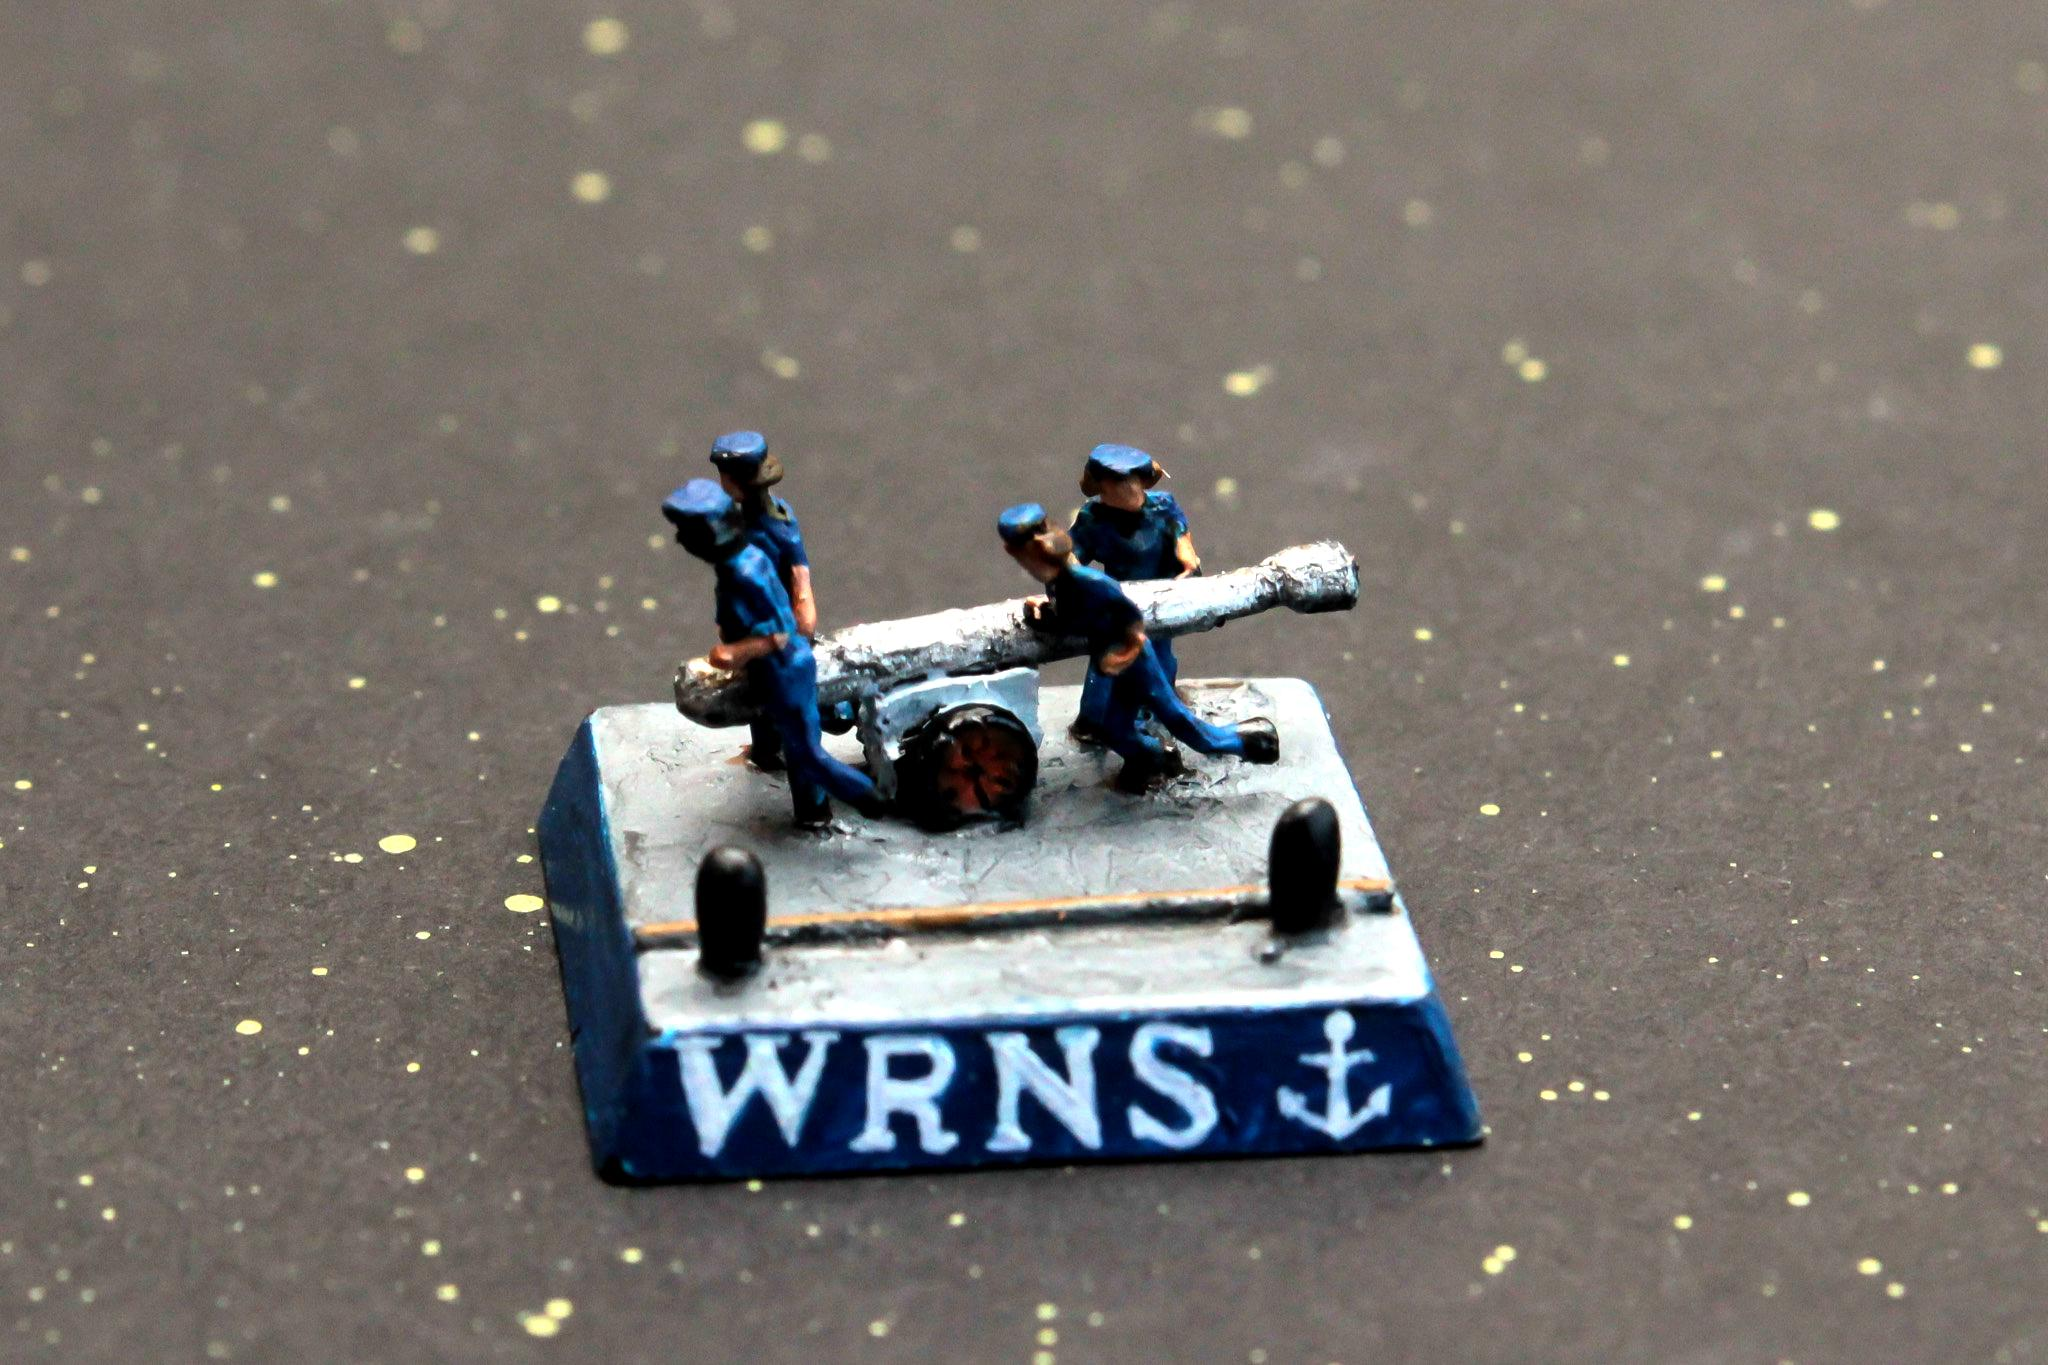 6mm, World War 2, Wrns